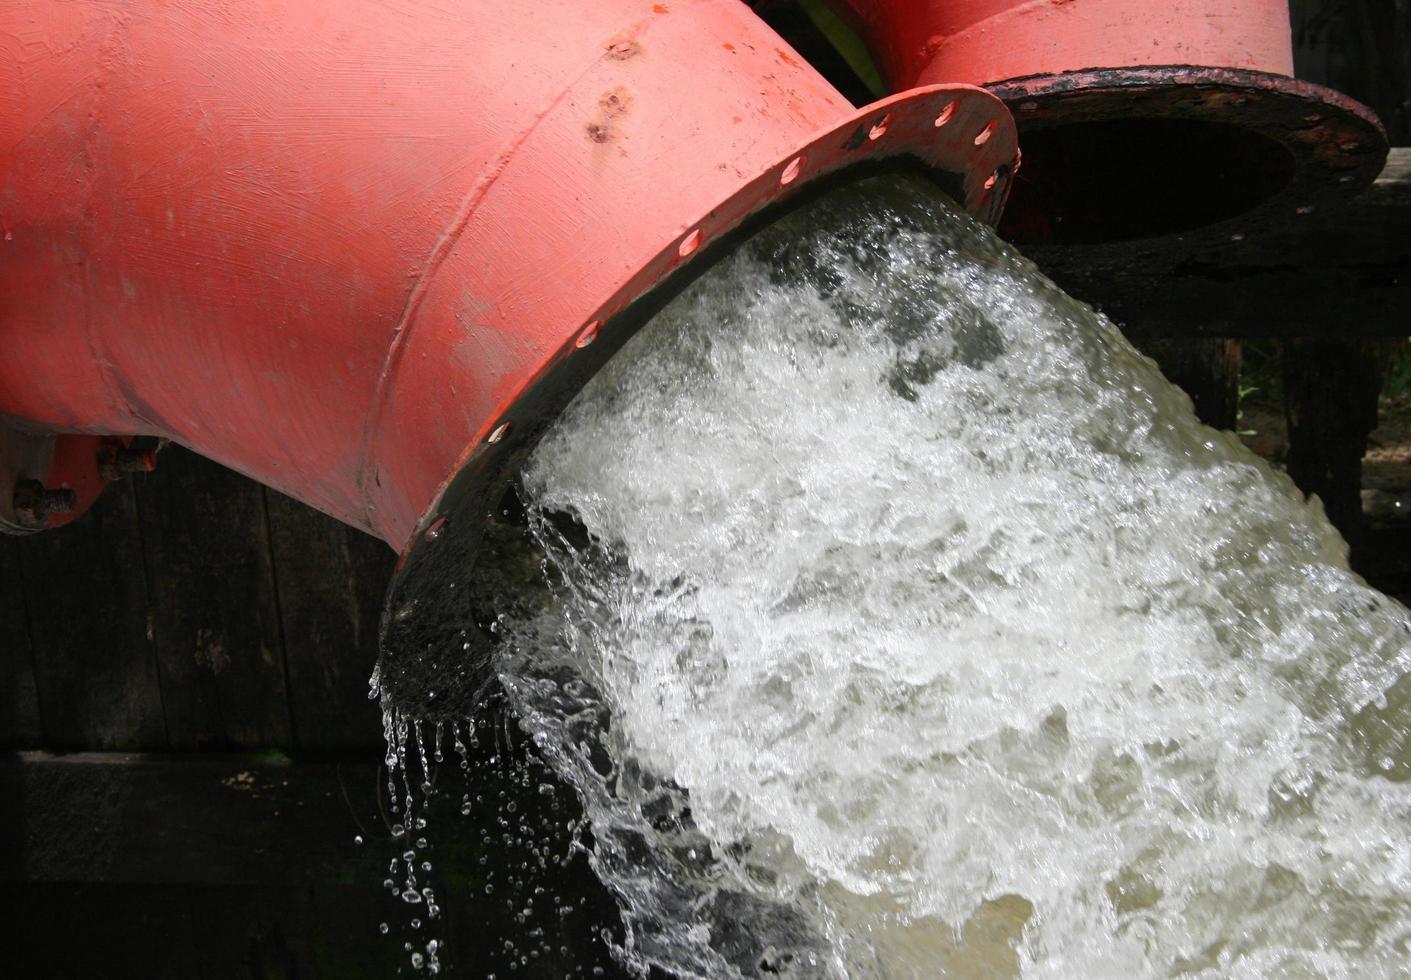 mucho drenaje de la tubería de agua foto